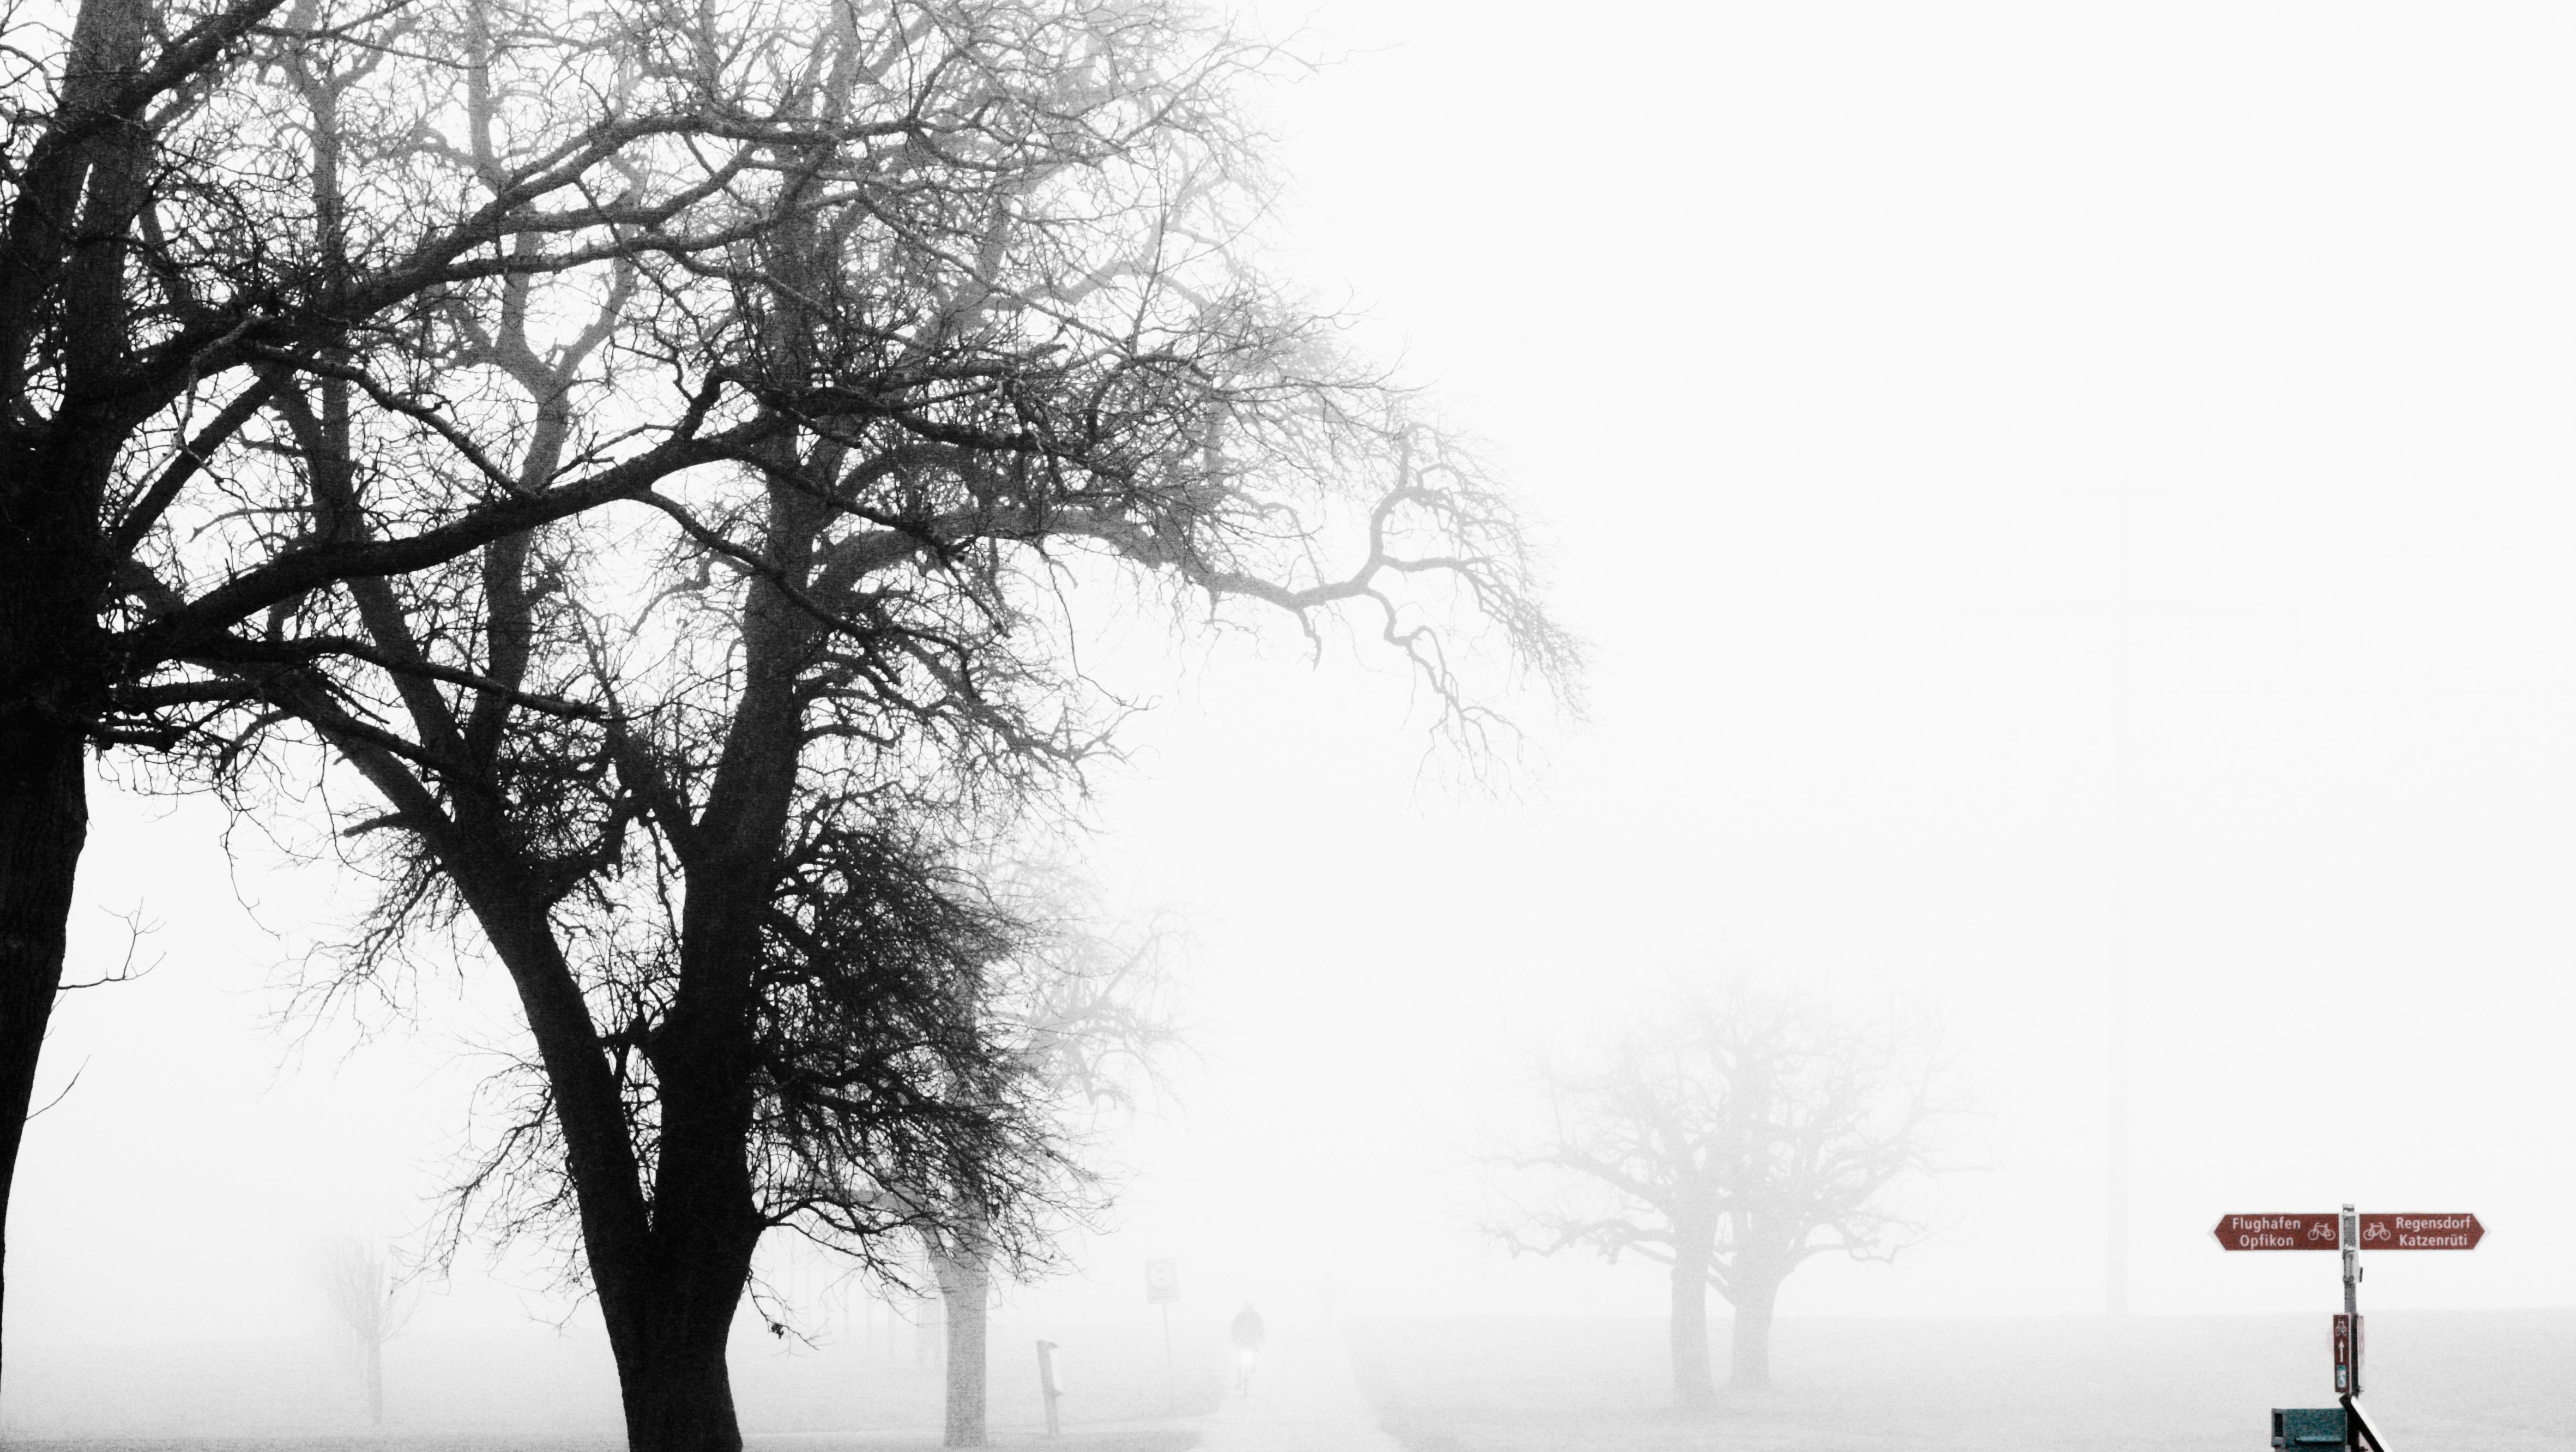 Rümlang_landscape_fog_bike_trees